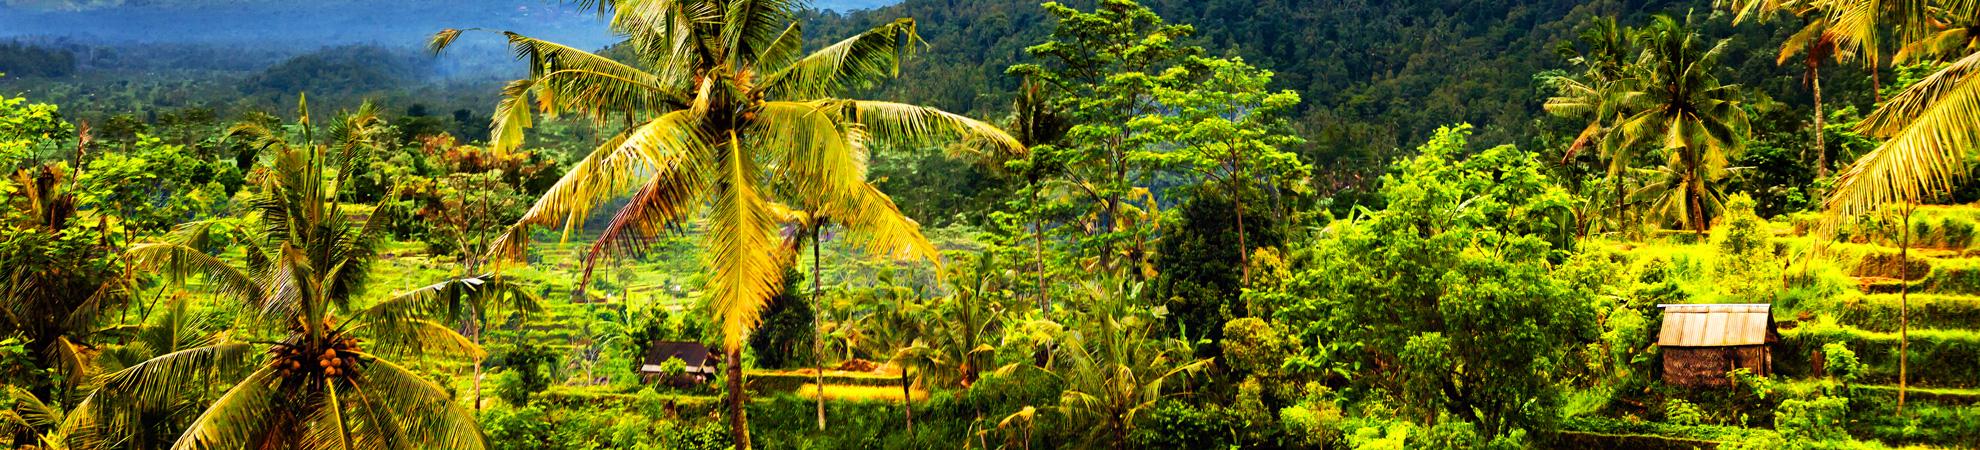 Comportements à éviter lors de votre circuit à Bali